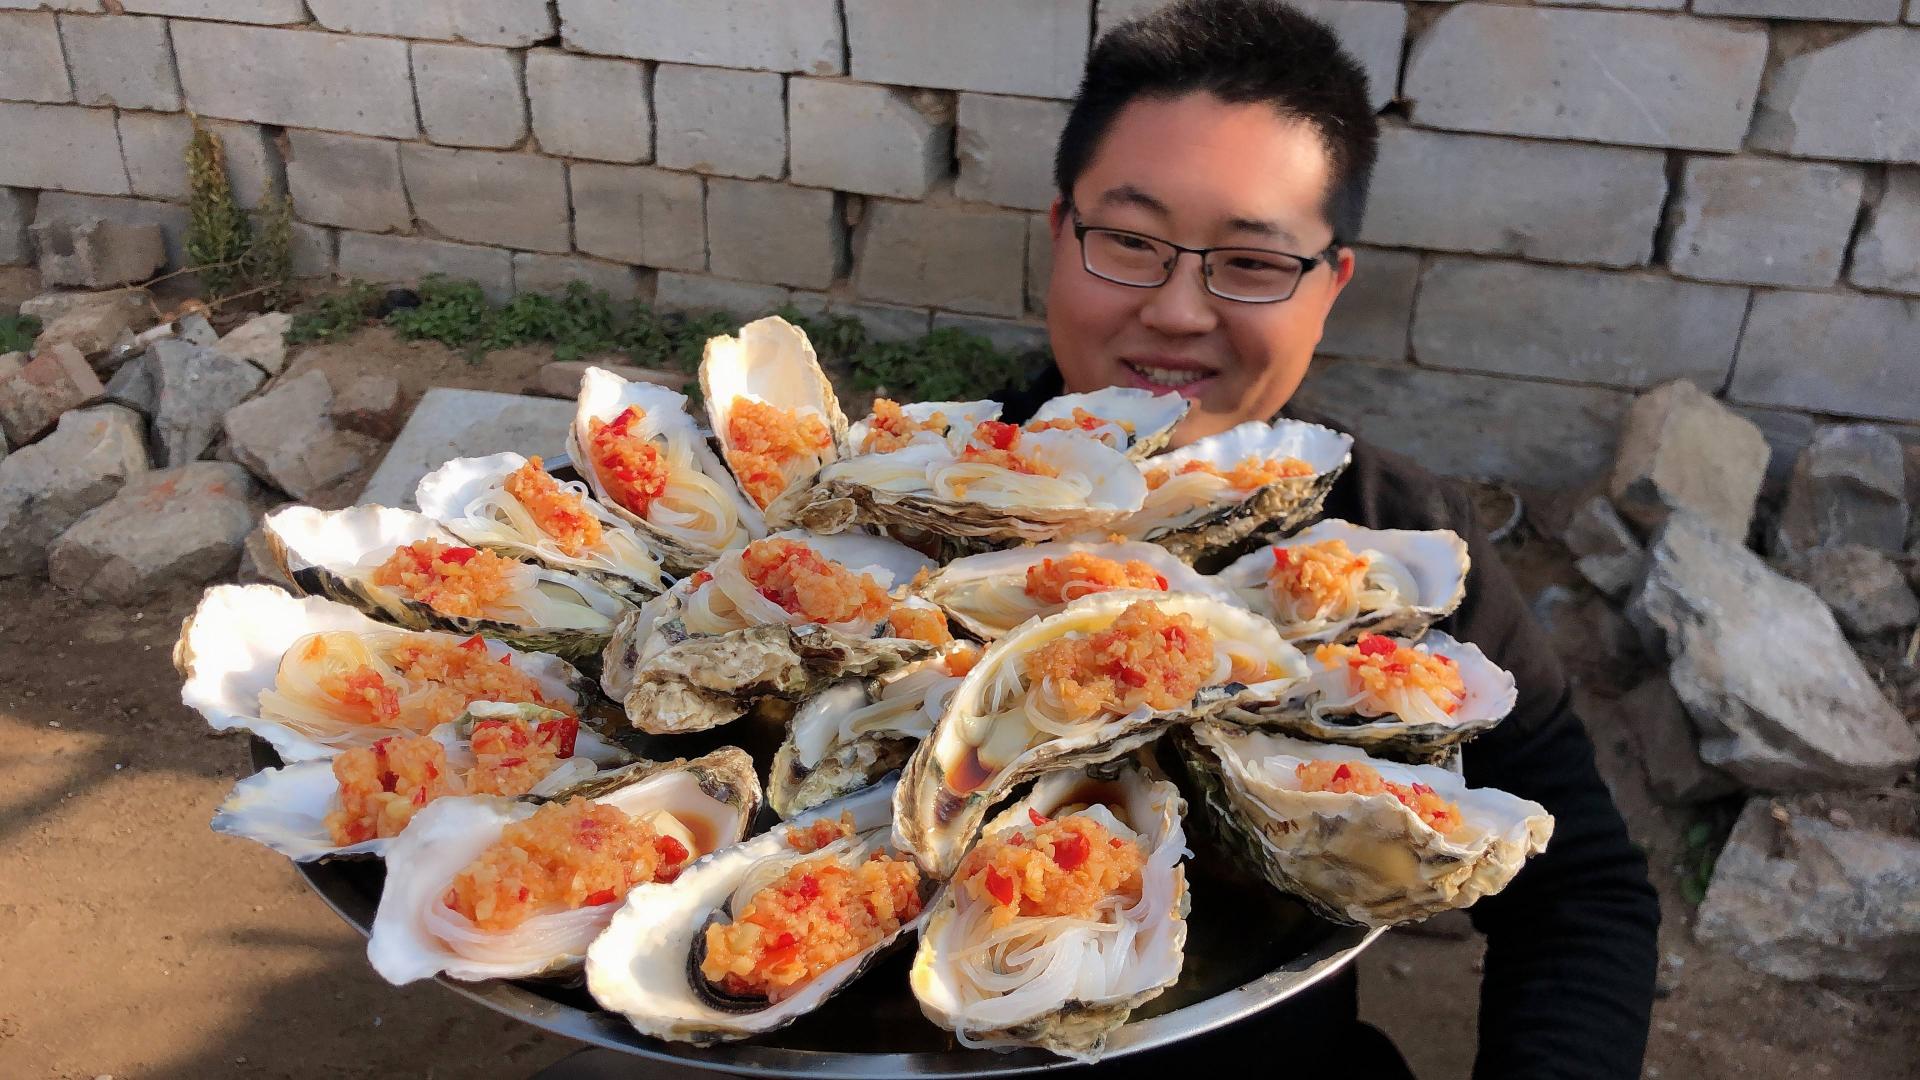 60元买6斤超大生蚝,配上剁椒蒜蓉,香辣爆烤,这才是男人的最爱